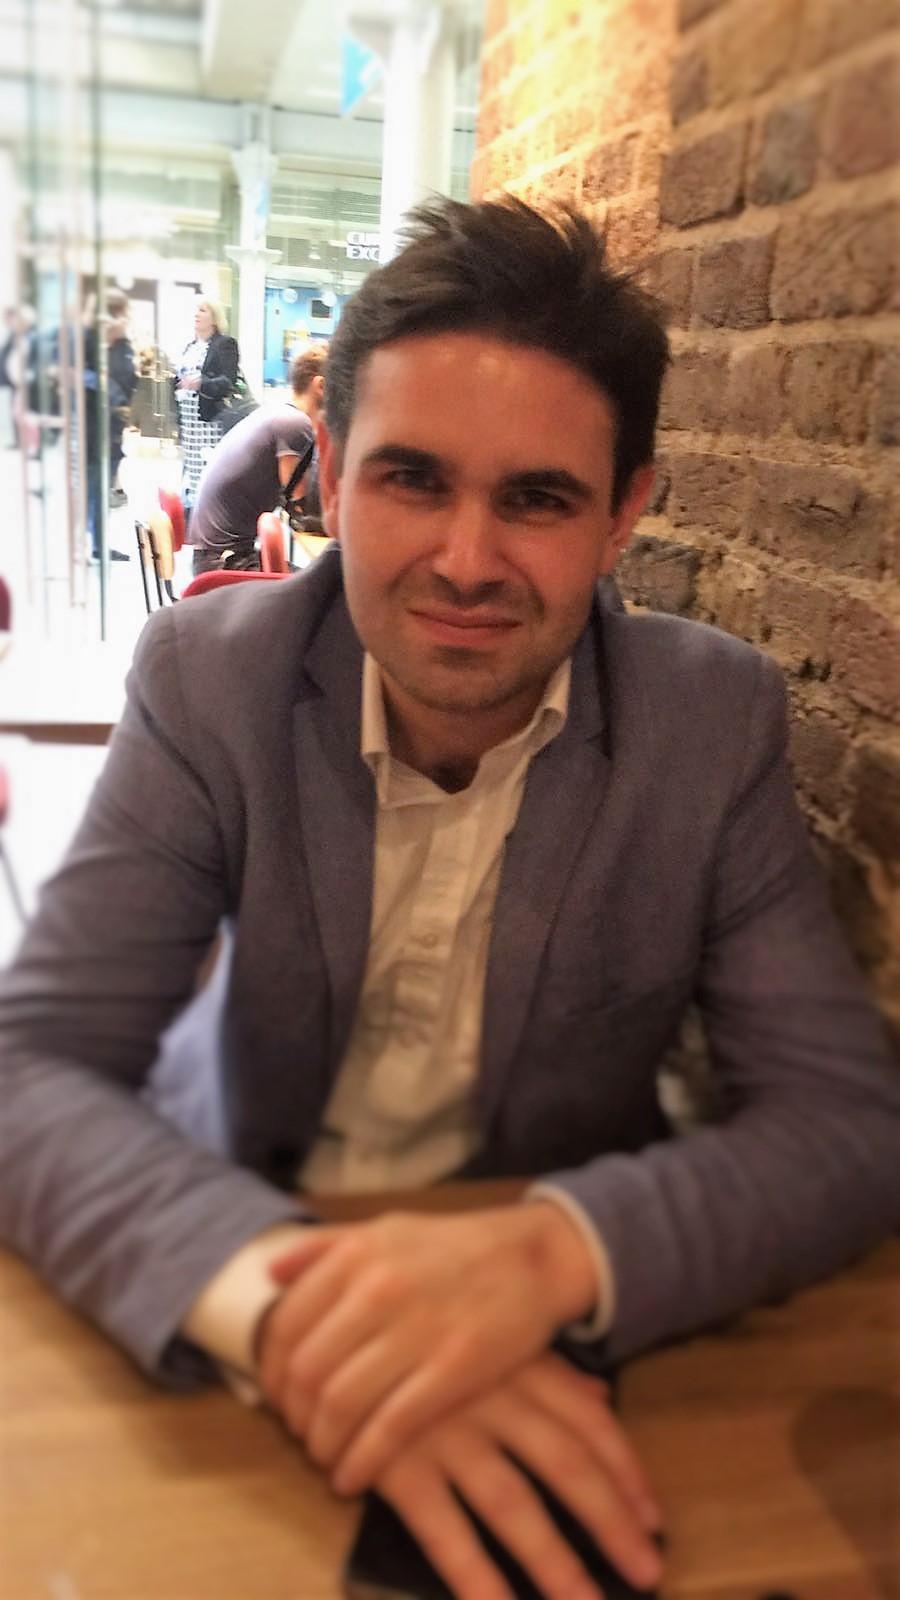 Adam Muckle